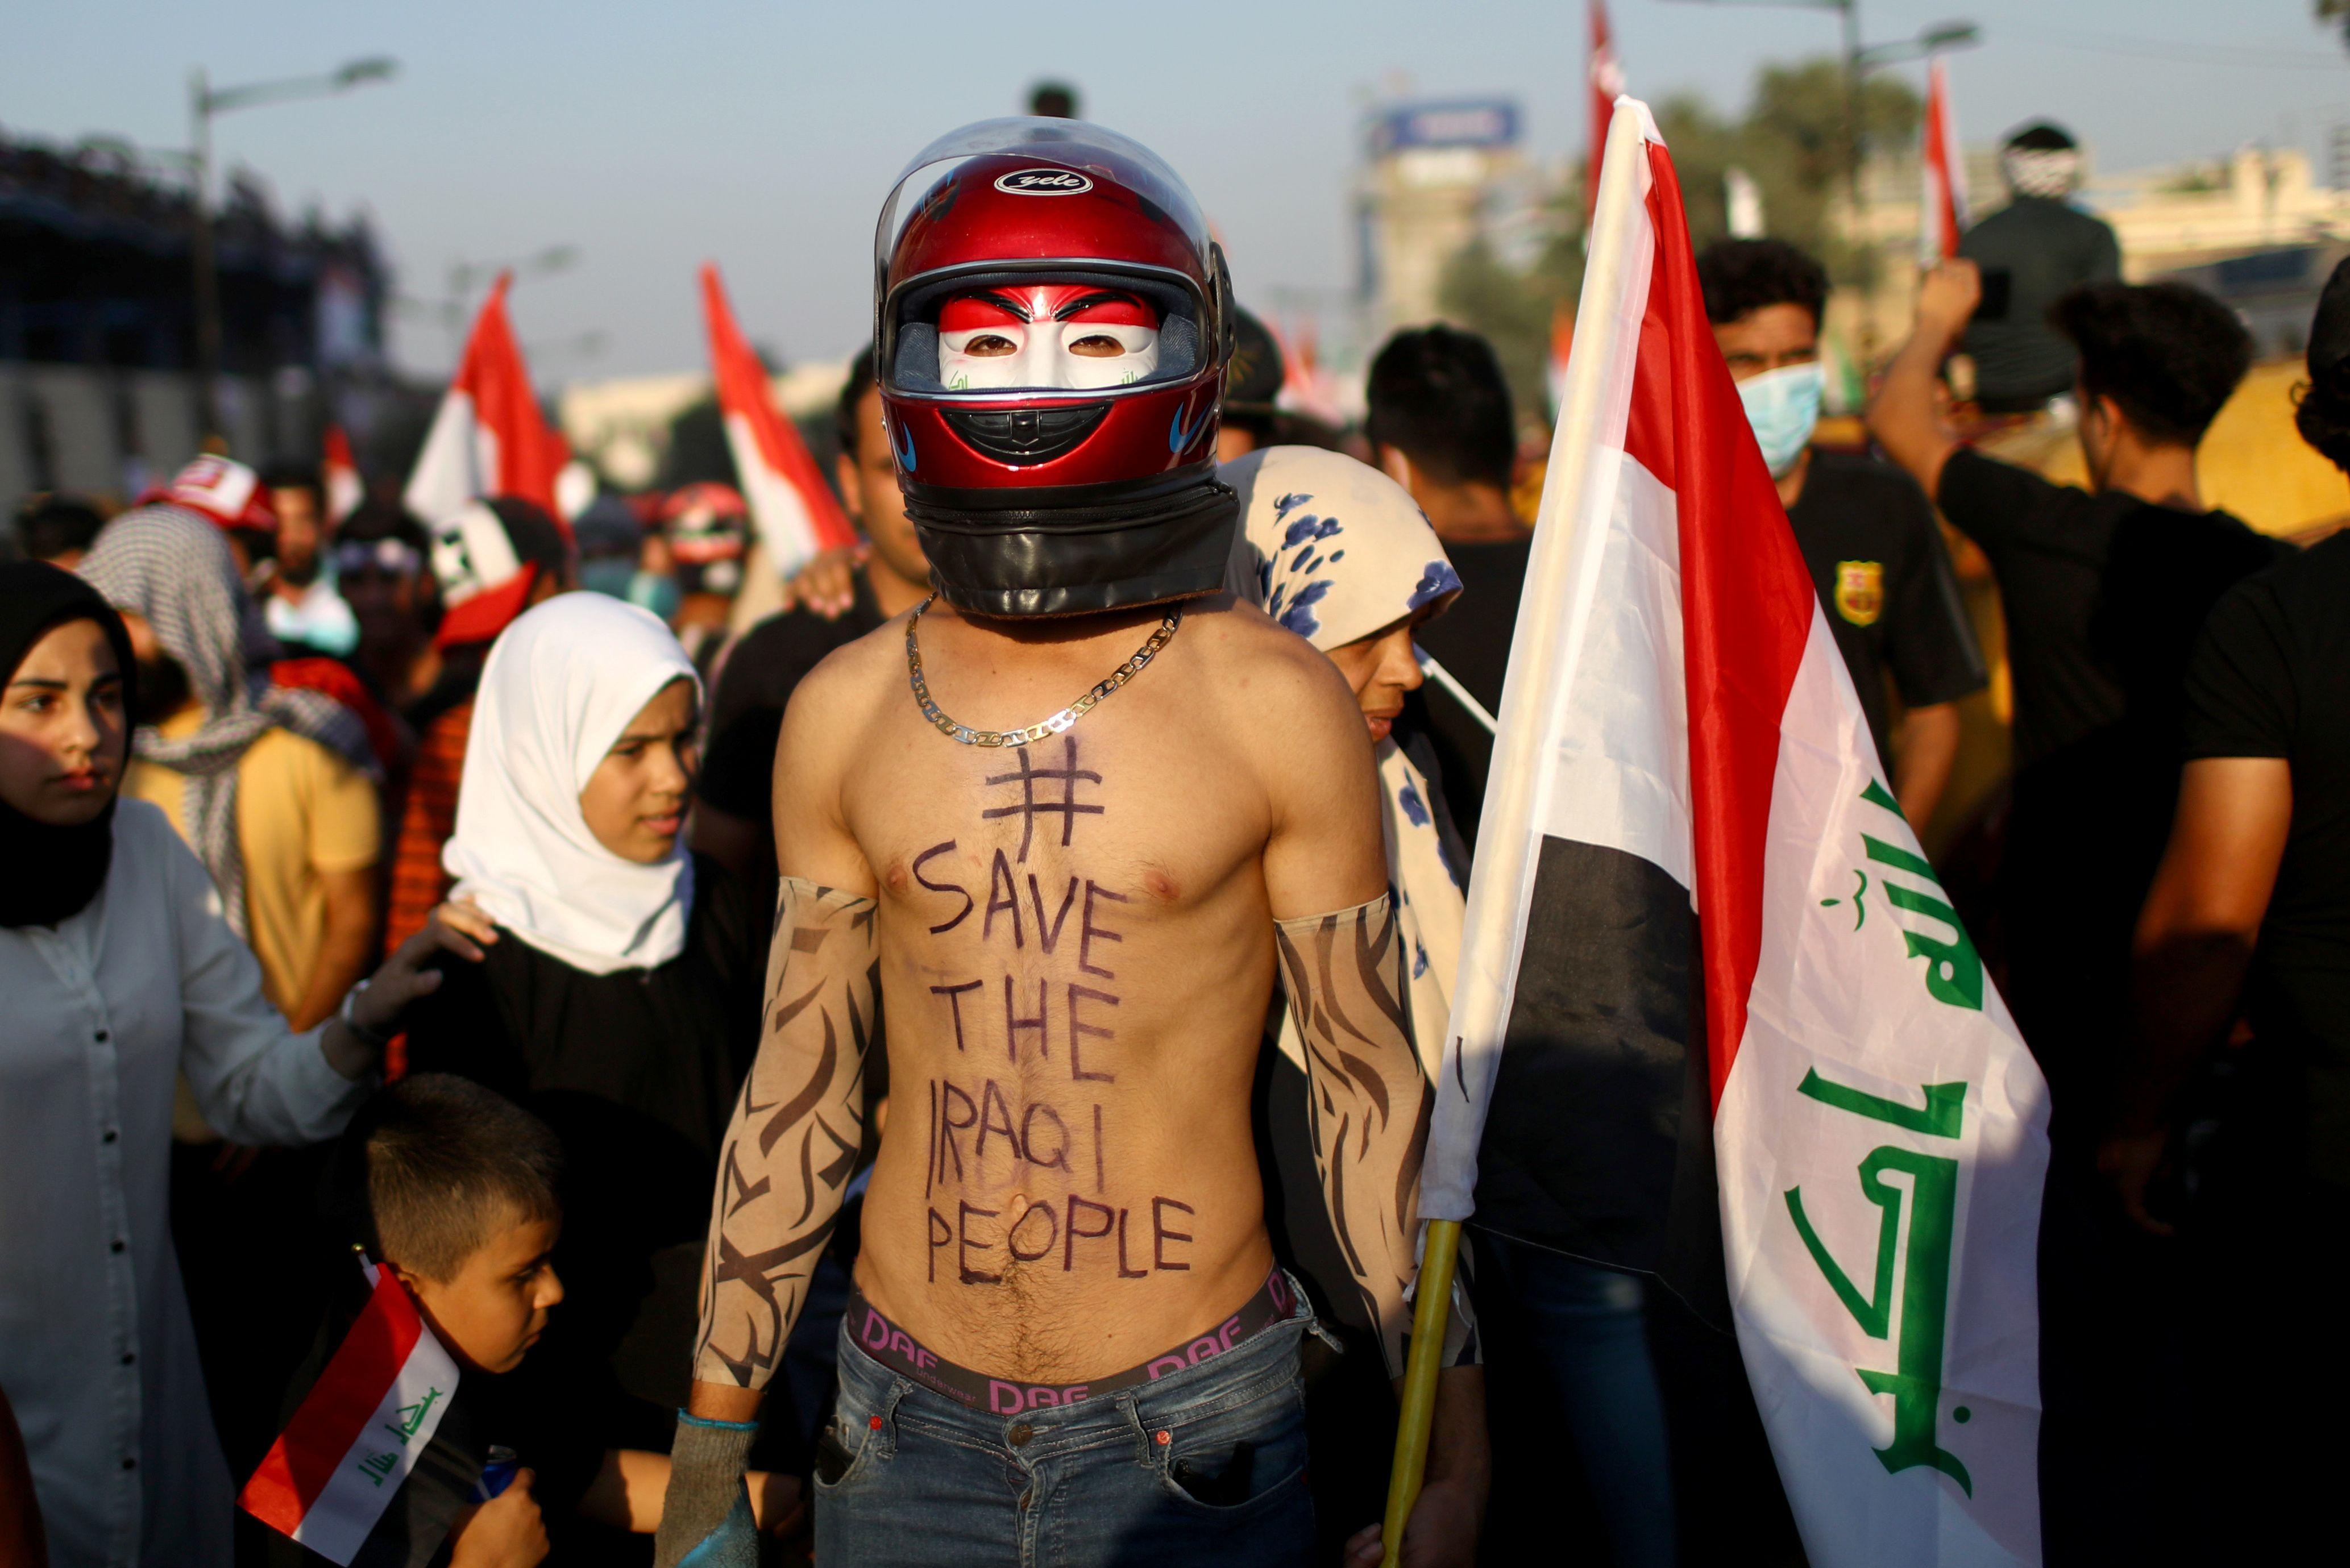 2019-11-01T155934Z_1652001150_RC1E9EADCD60_RTRMADP_3_IRAQ-PROTESTS